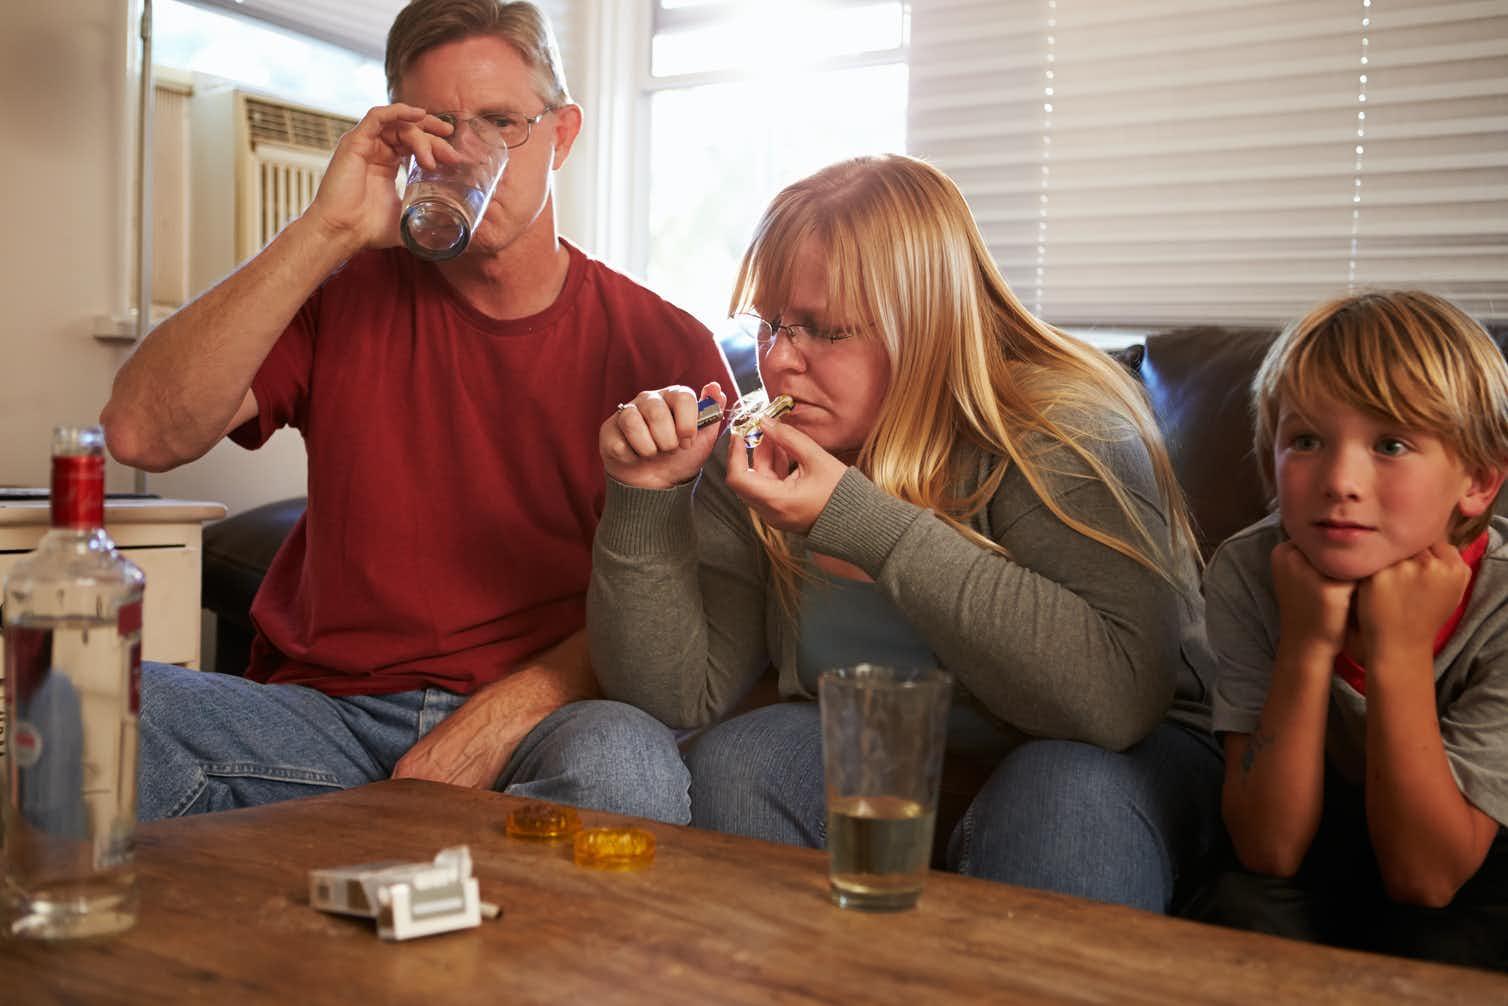 Как разговаривать с алкоголиком: советы психолога